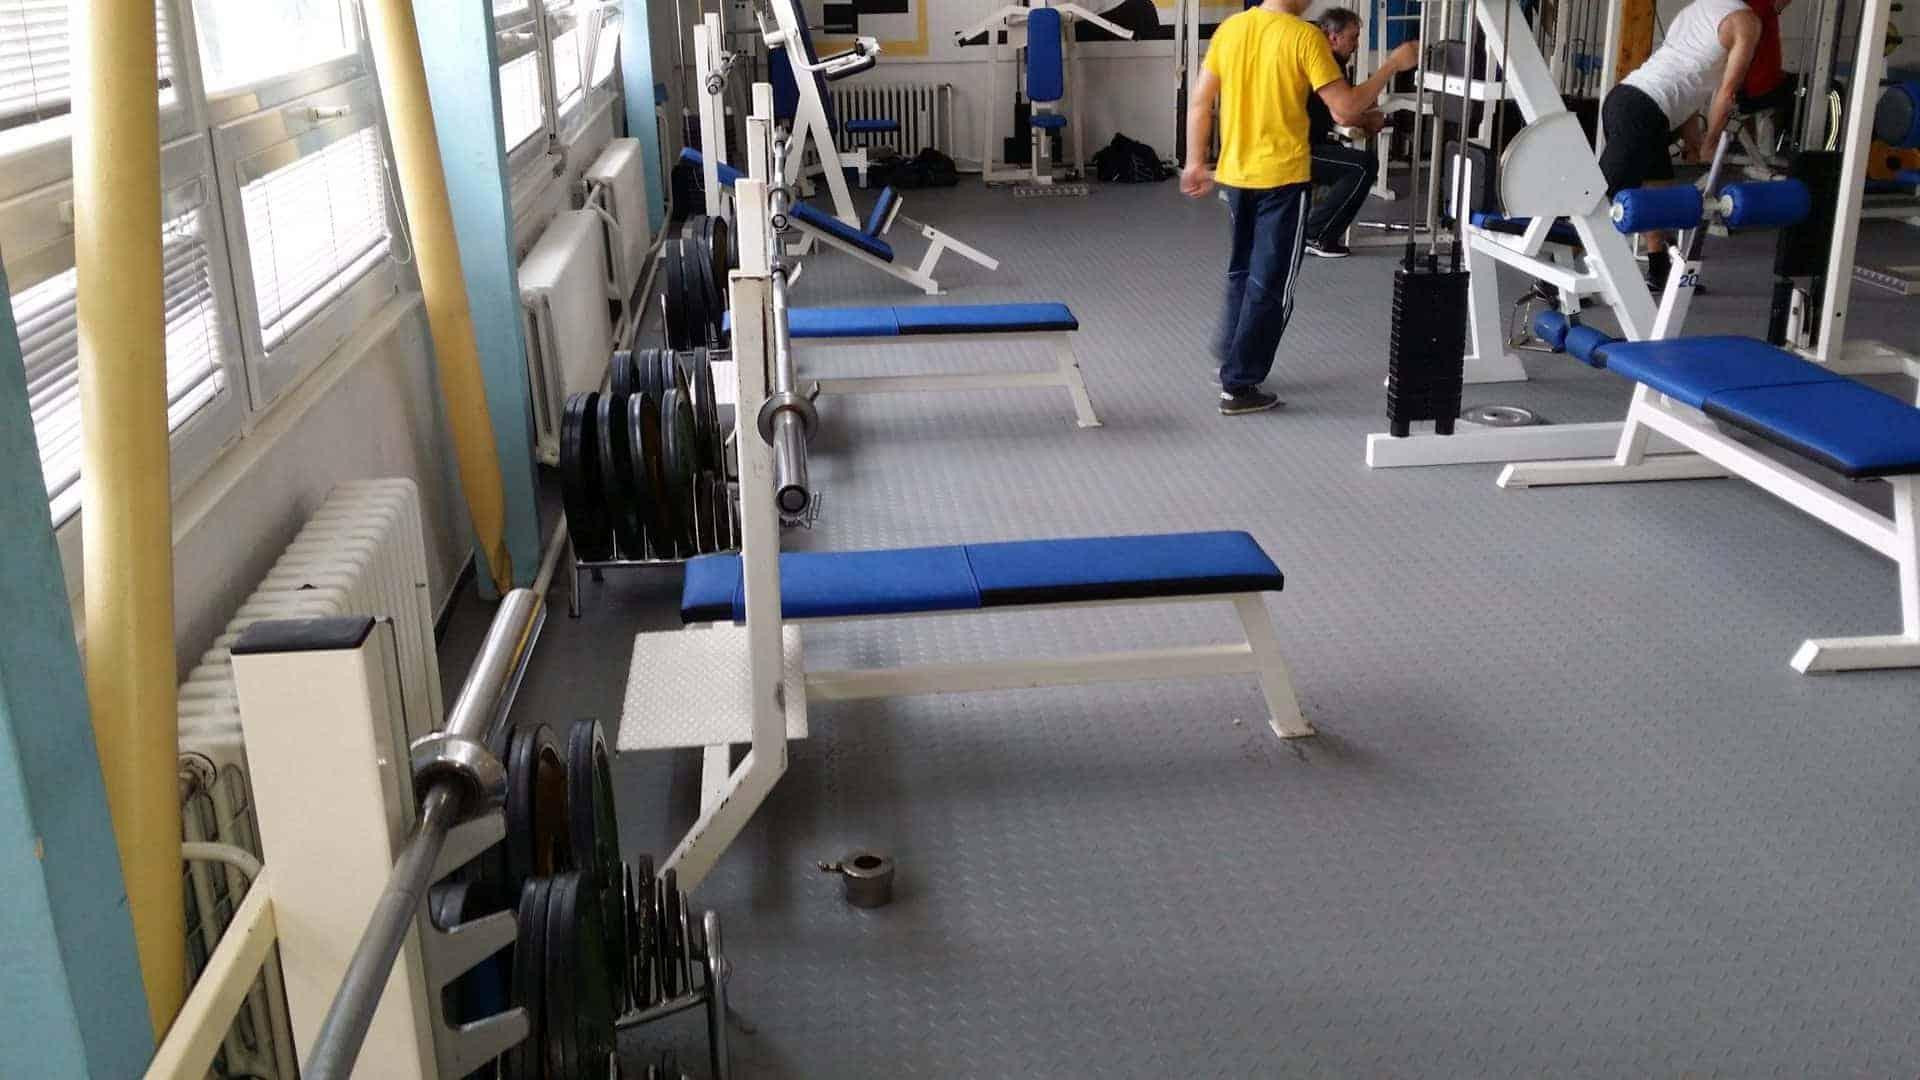 Fitness centrum v Ostravě, Česko